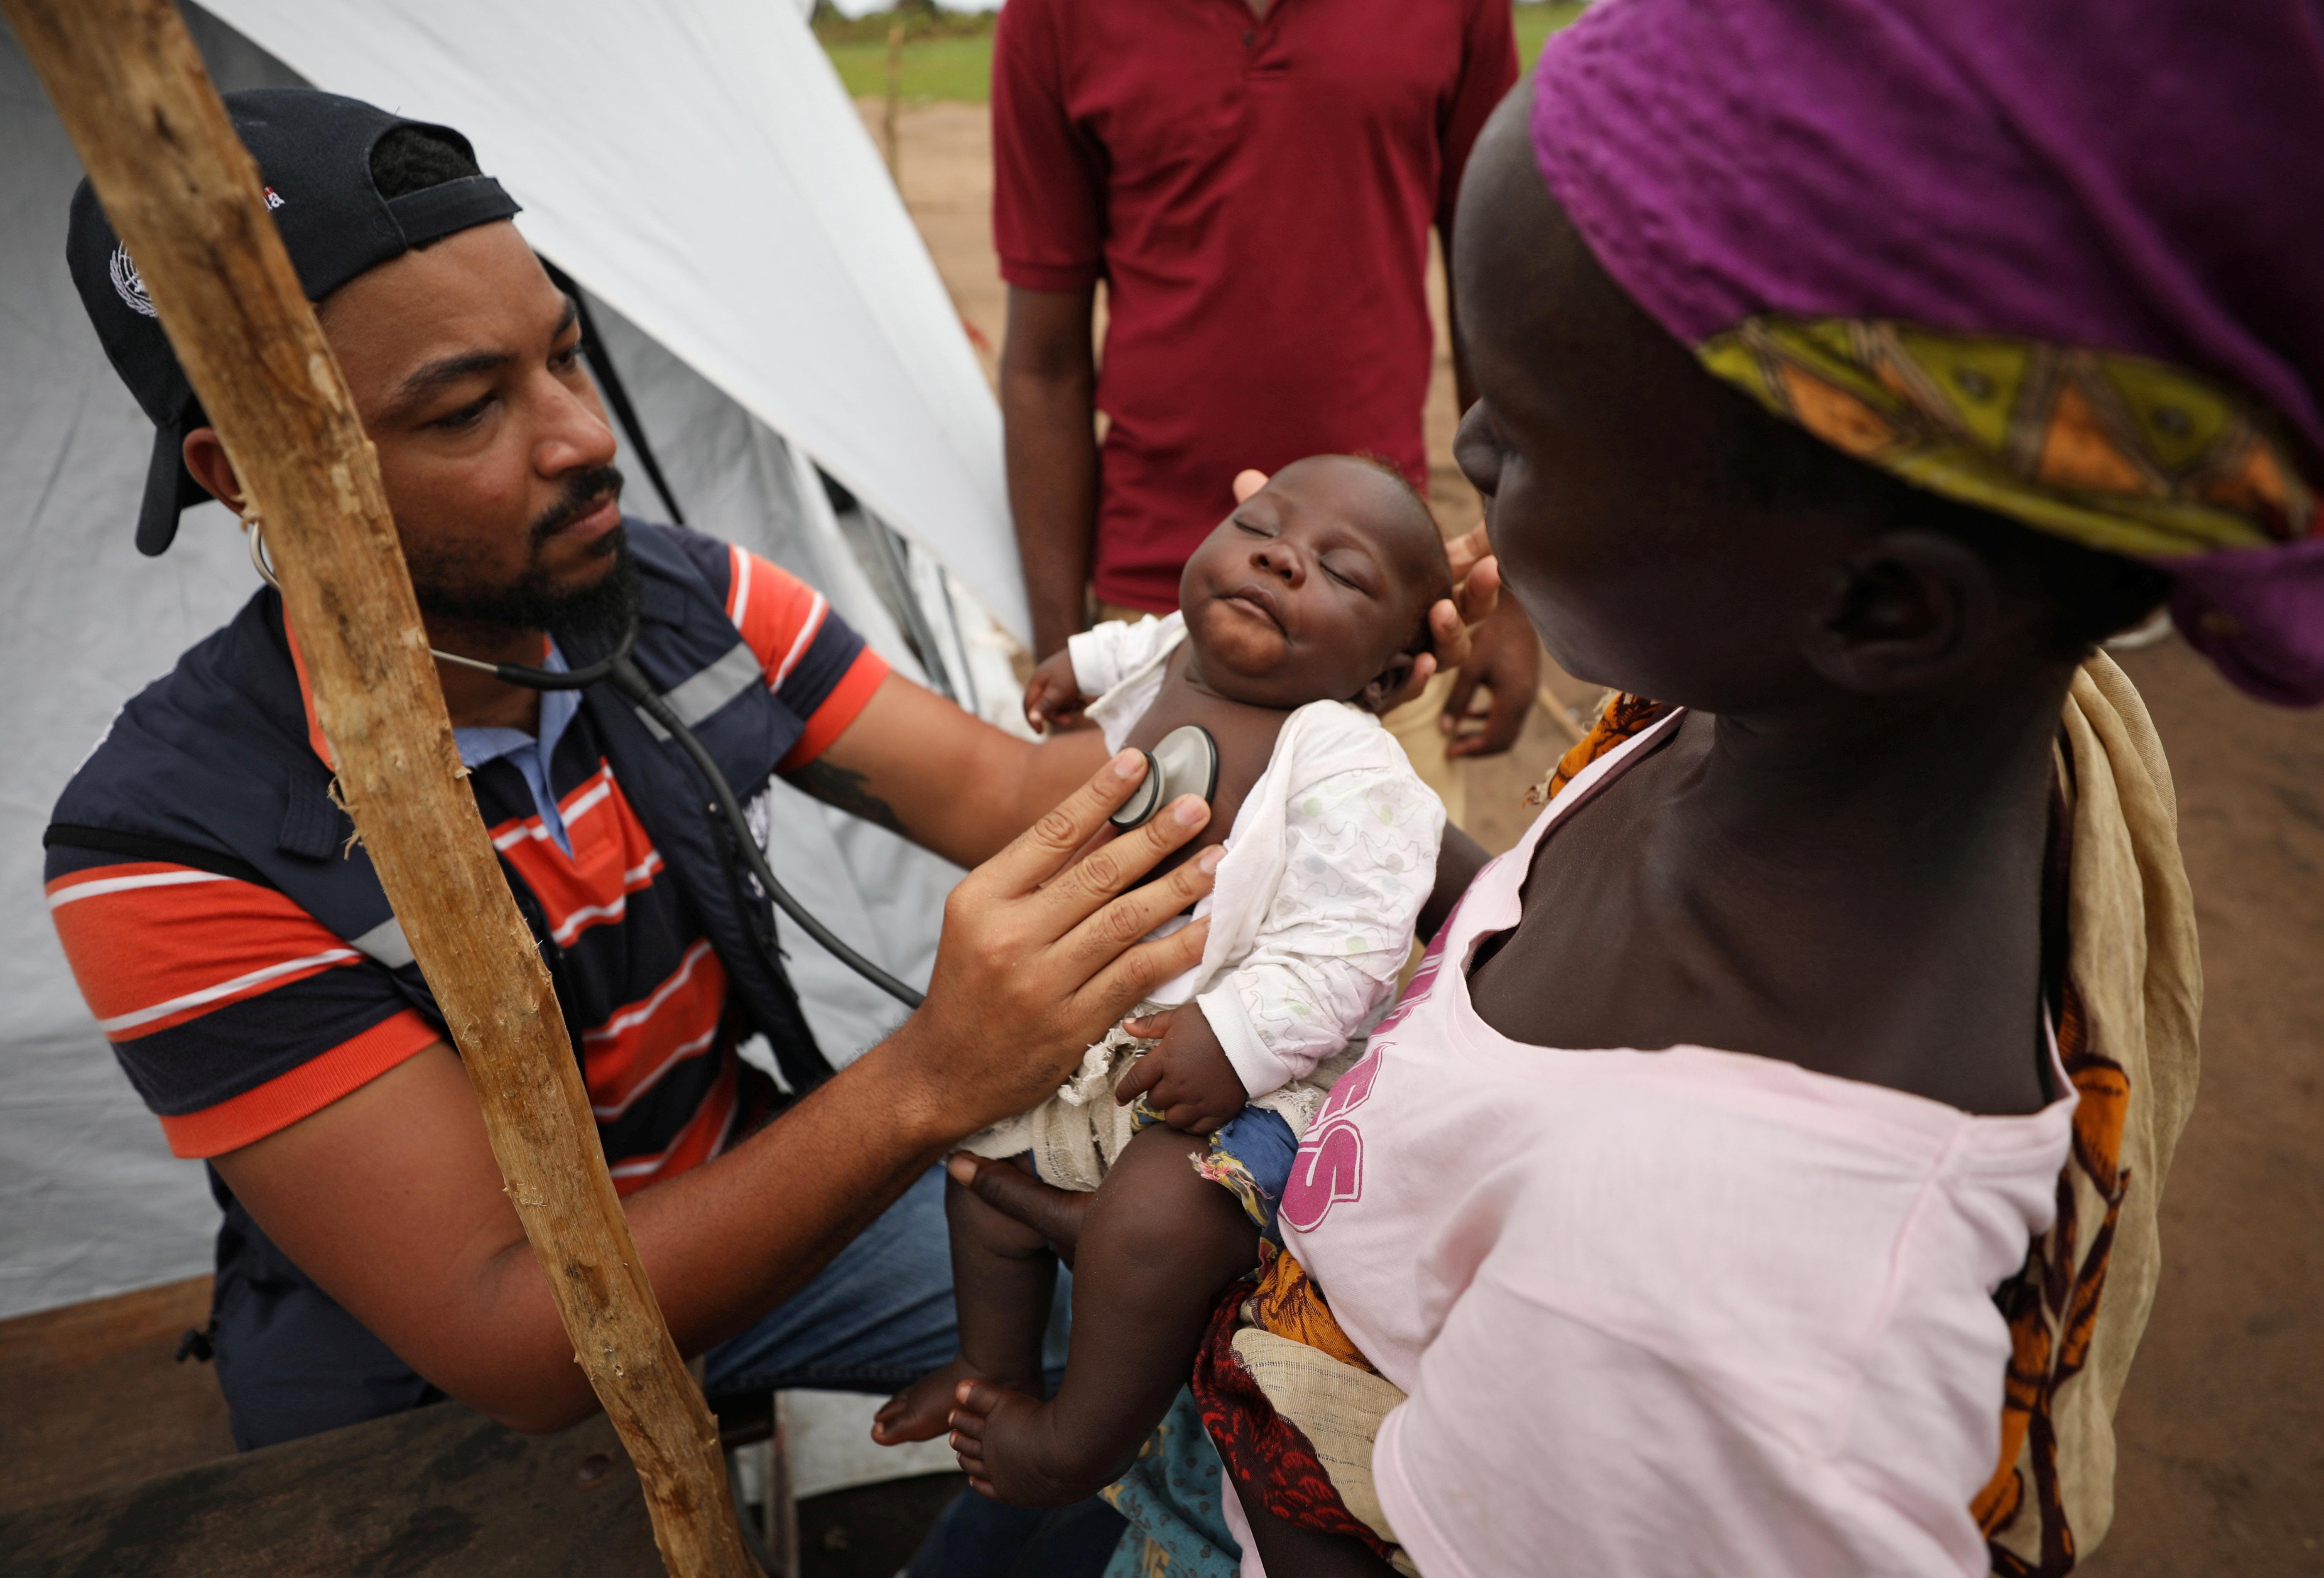 Um médico examina uma criança em um acampamento para pessoas deslocadas em enchentes no rescaldo do ciclone Idai, perto de Beira, Moçambique. Foto: REUTERS / Mike Hutchings (por favor, não reutilize).